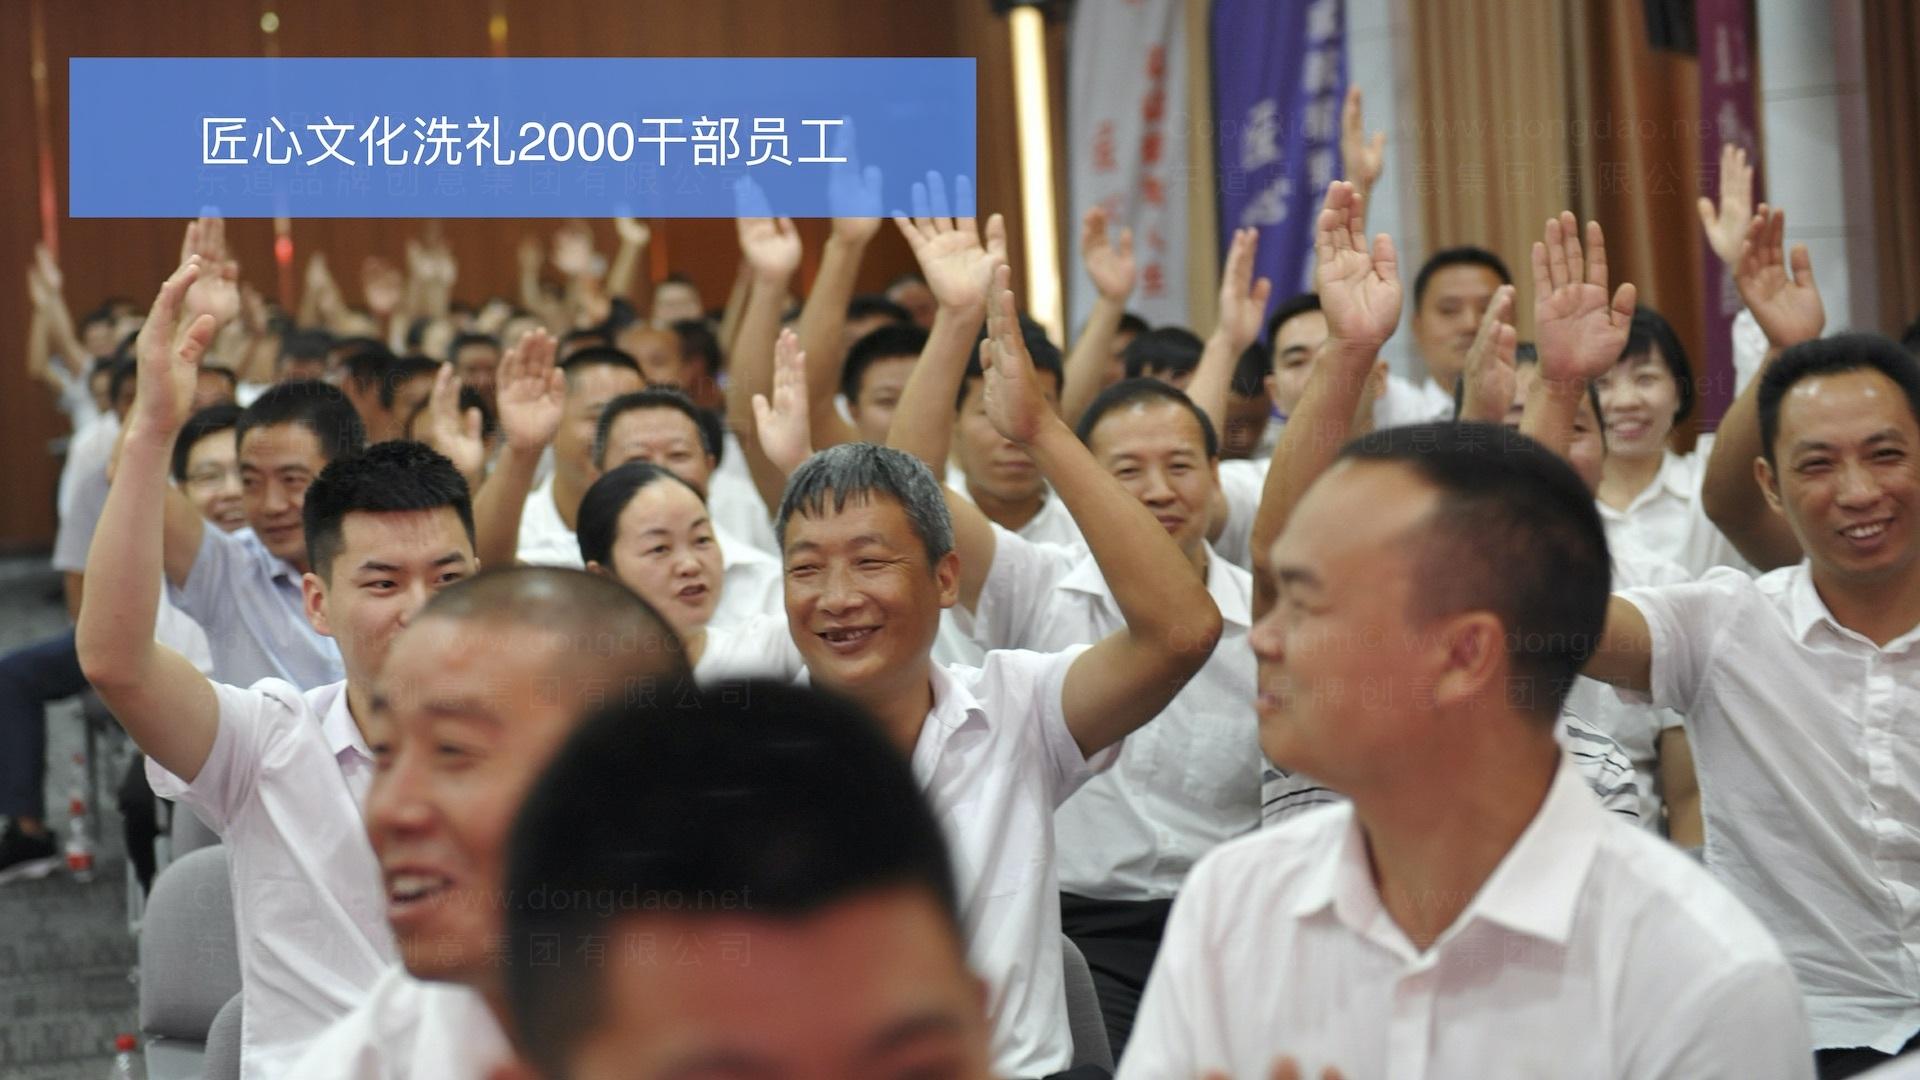 品牌战略&企业文化郎酒企业文化体系方案应用场景_41